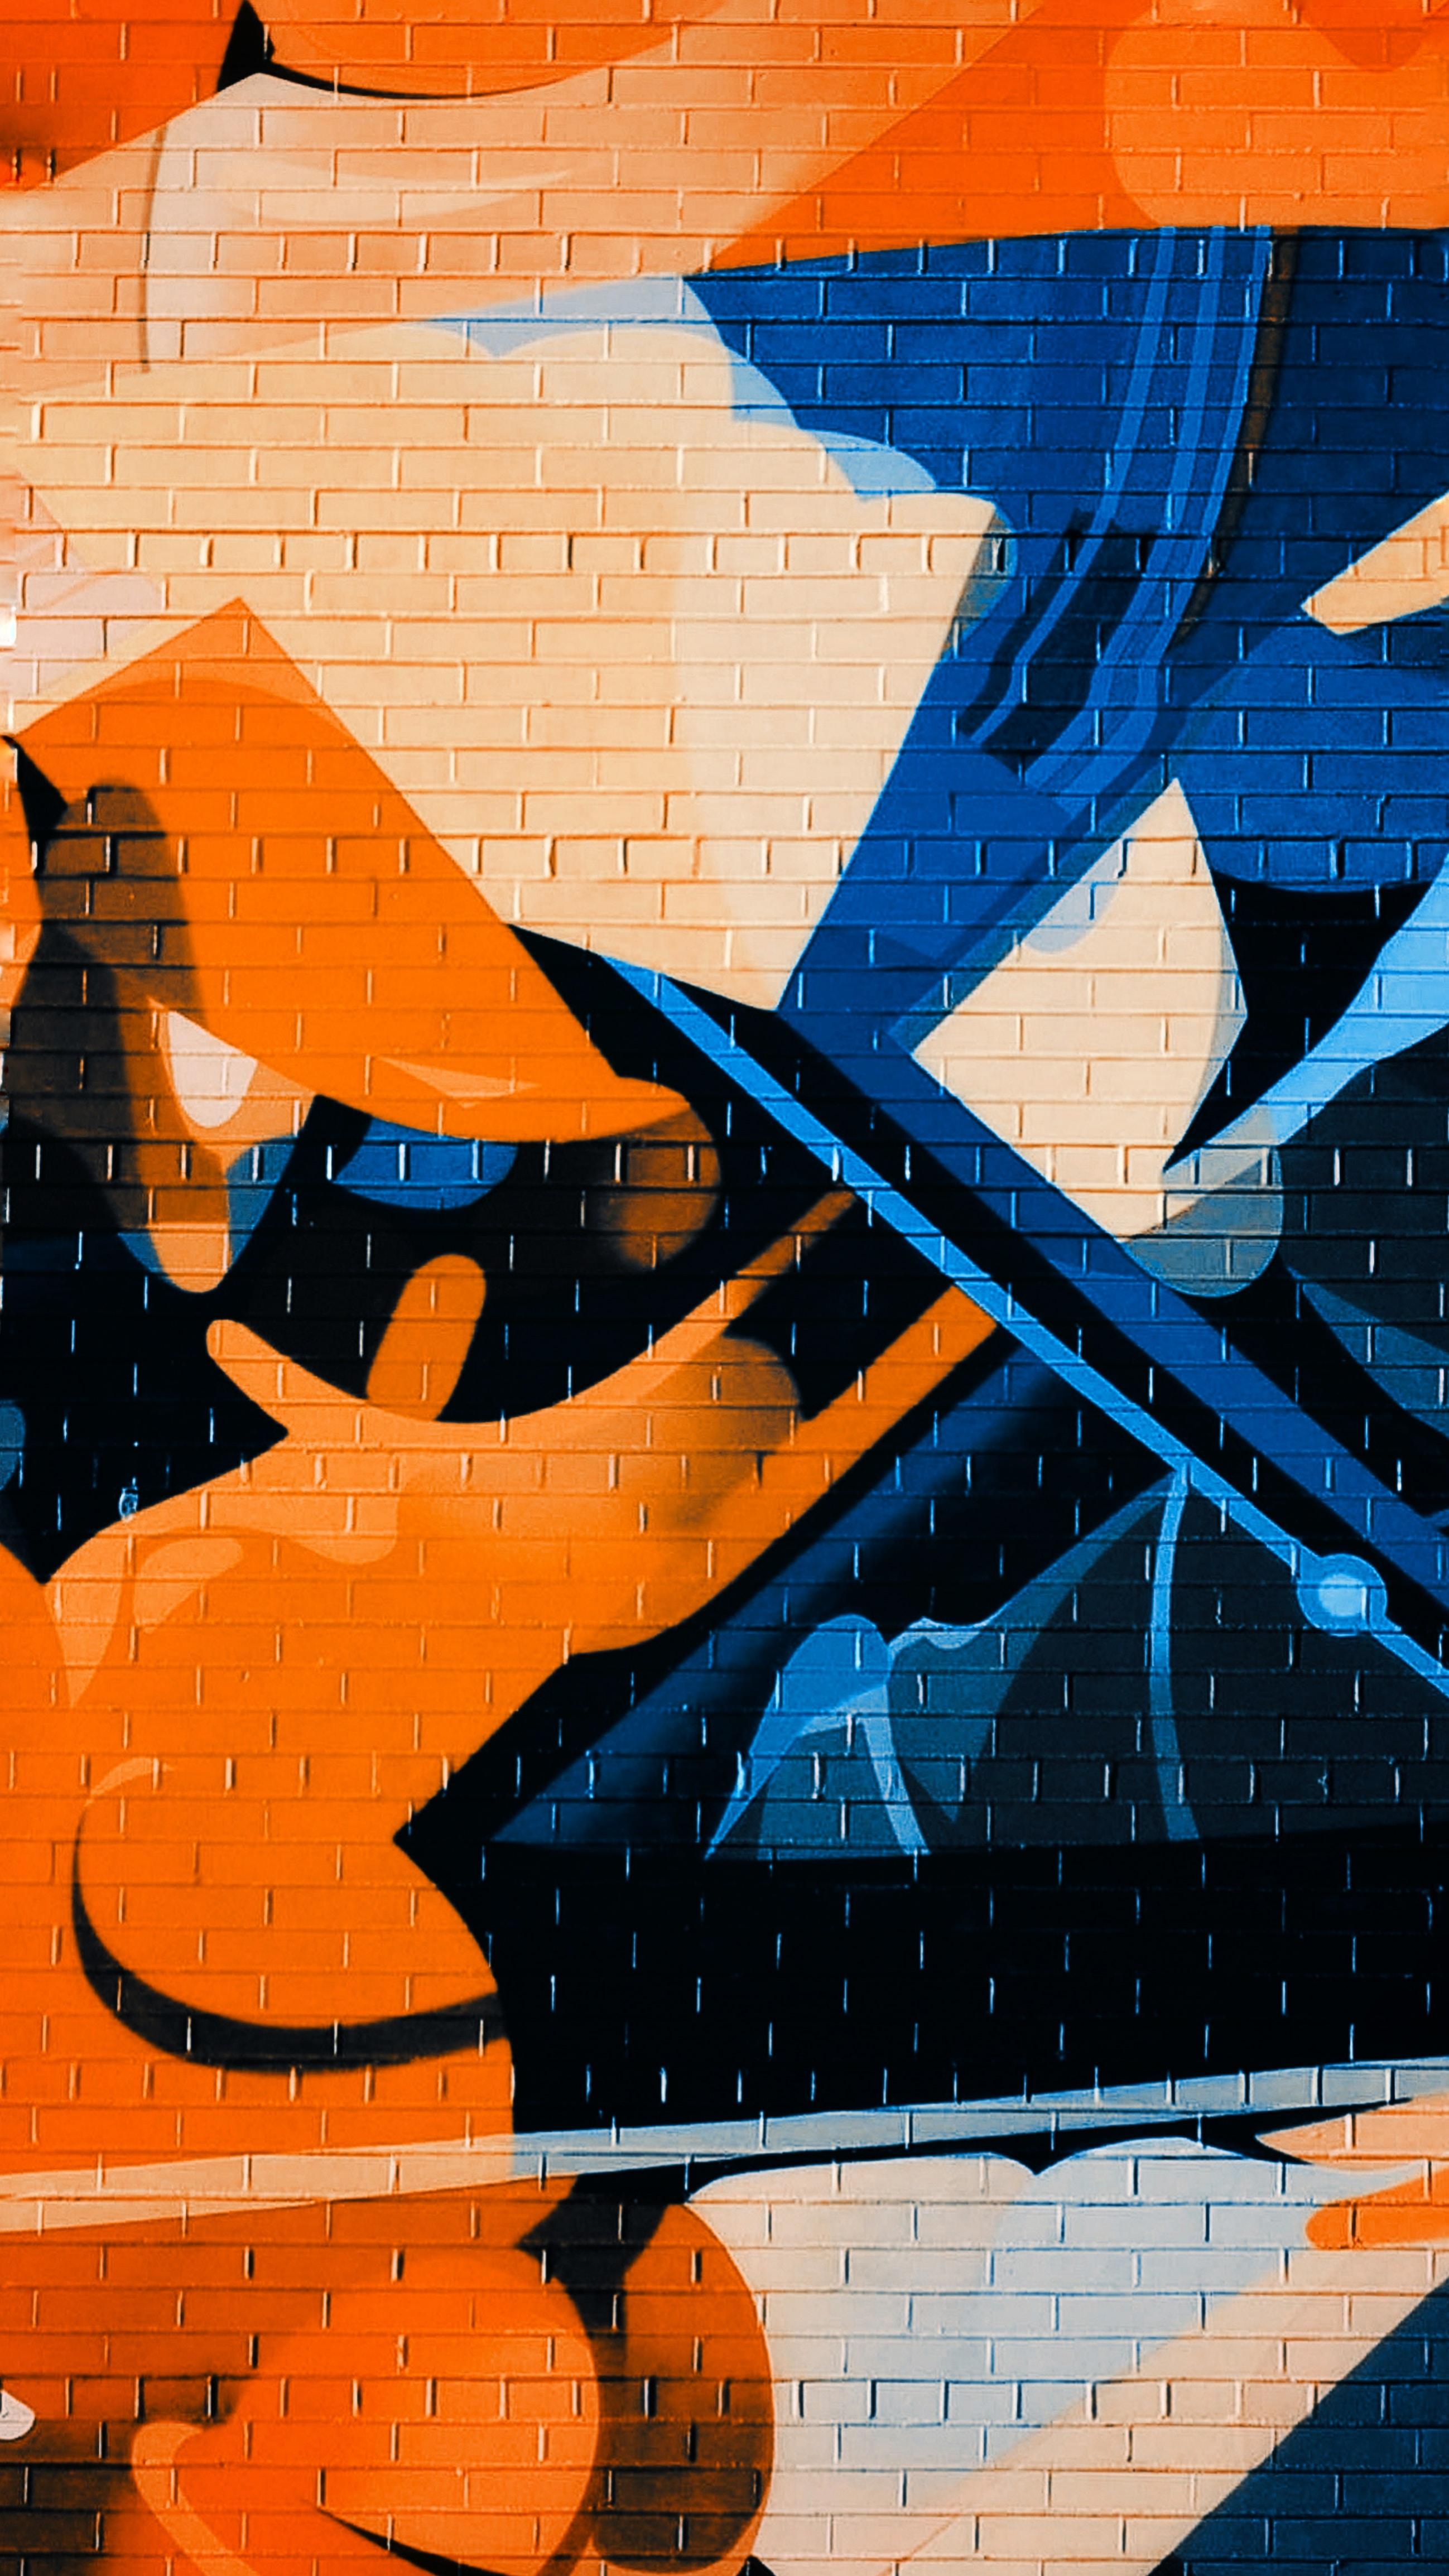 138407 Hintergrundbild 1024x600 kostenlos auf deinem Handy, lade Bilder Abstrakt, Textur, Texturen, Farbe, Wand, Graffiti 1024x600 auf dein Handy herunter